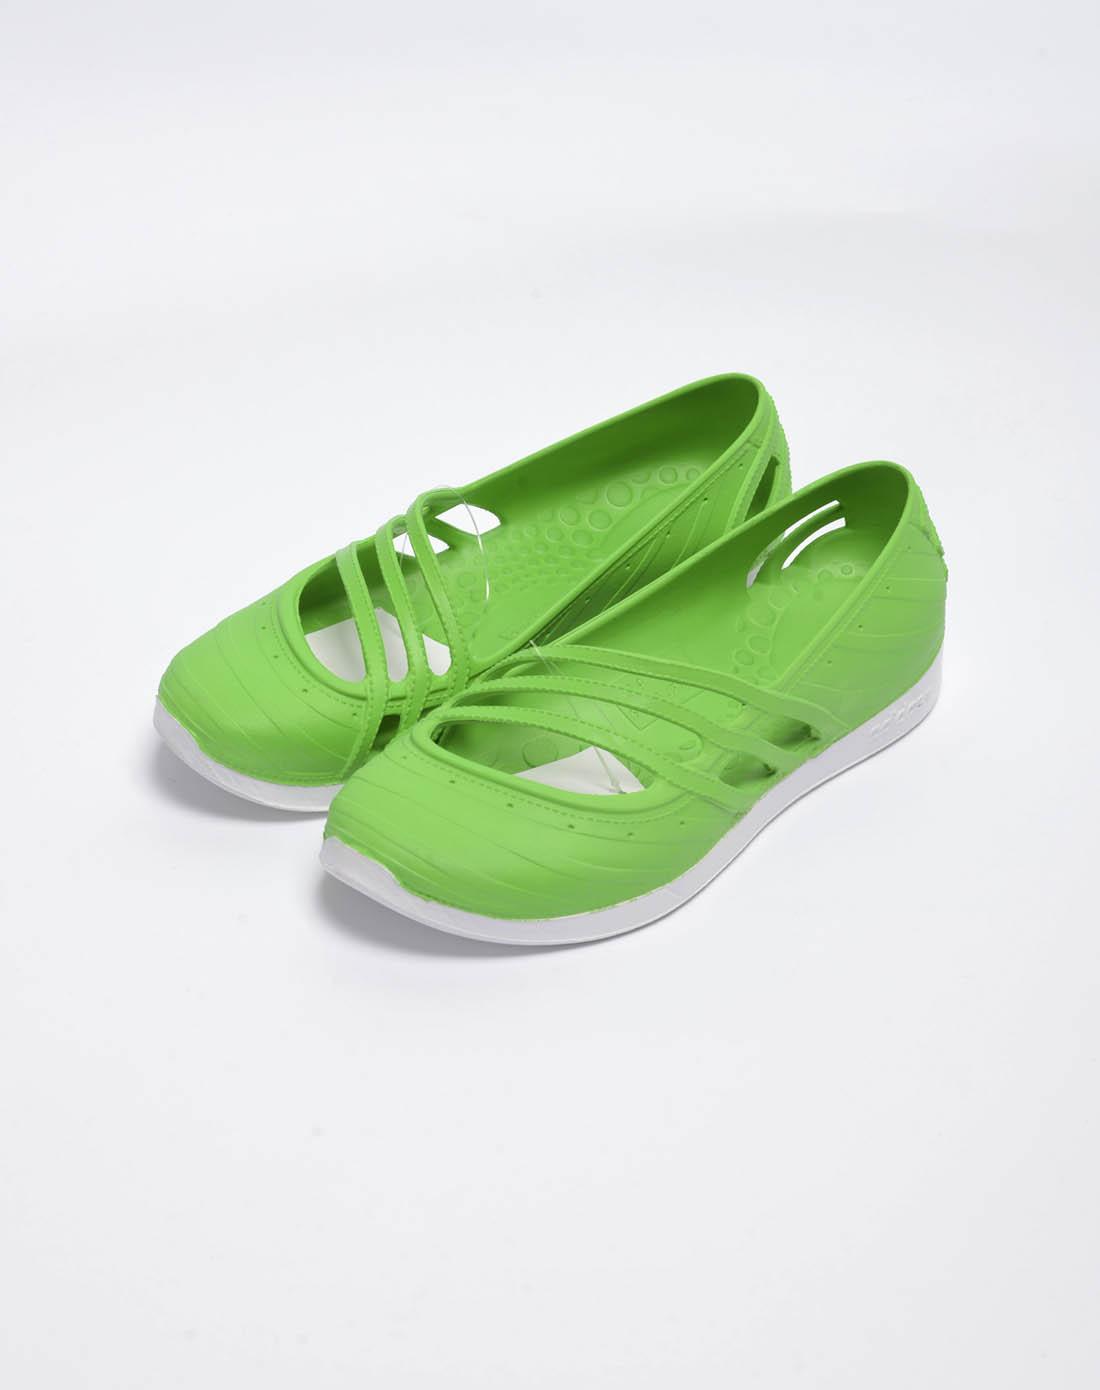 阿迪达斯adidas女子绿色凉鞋u45364